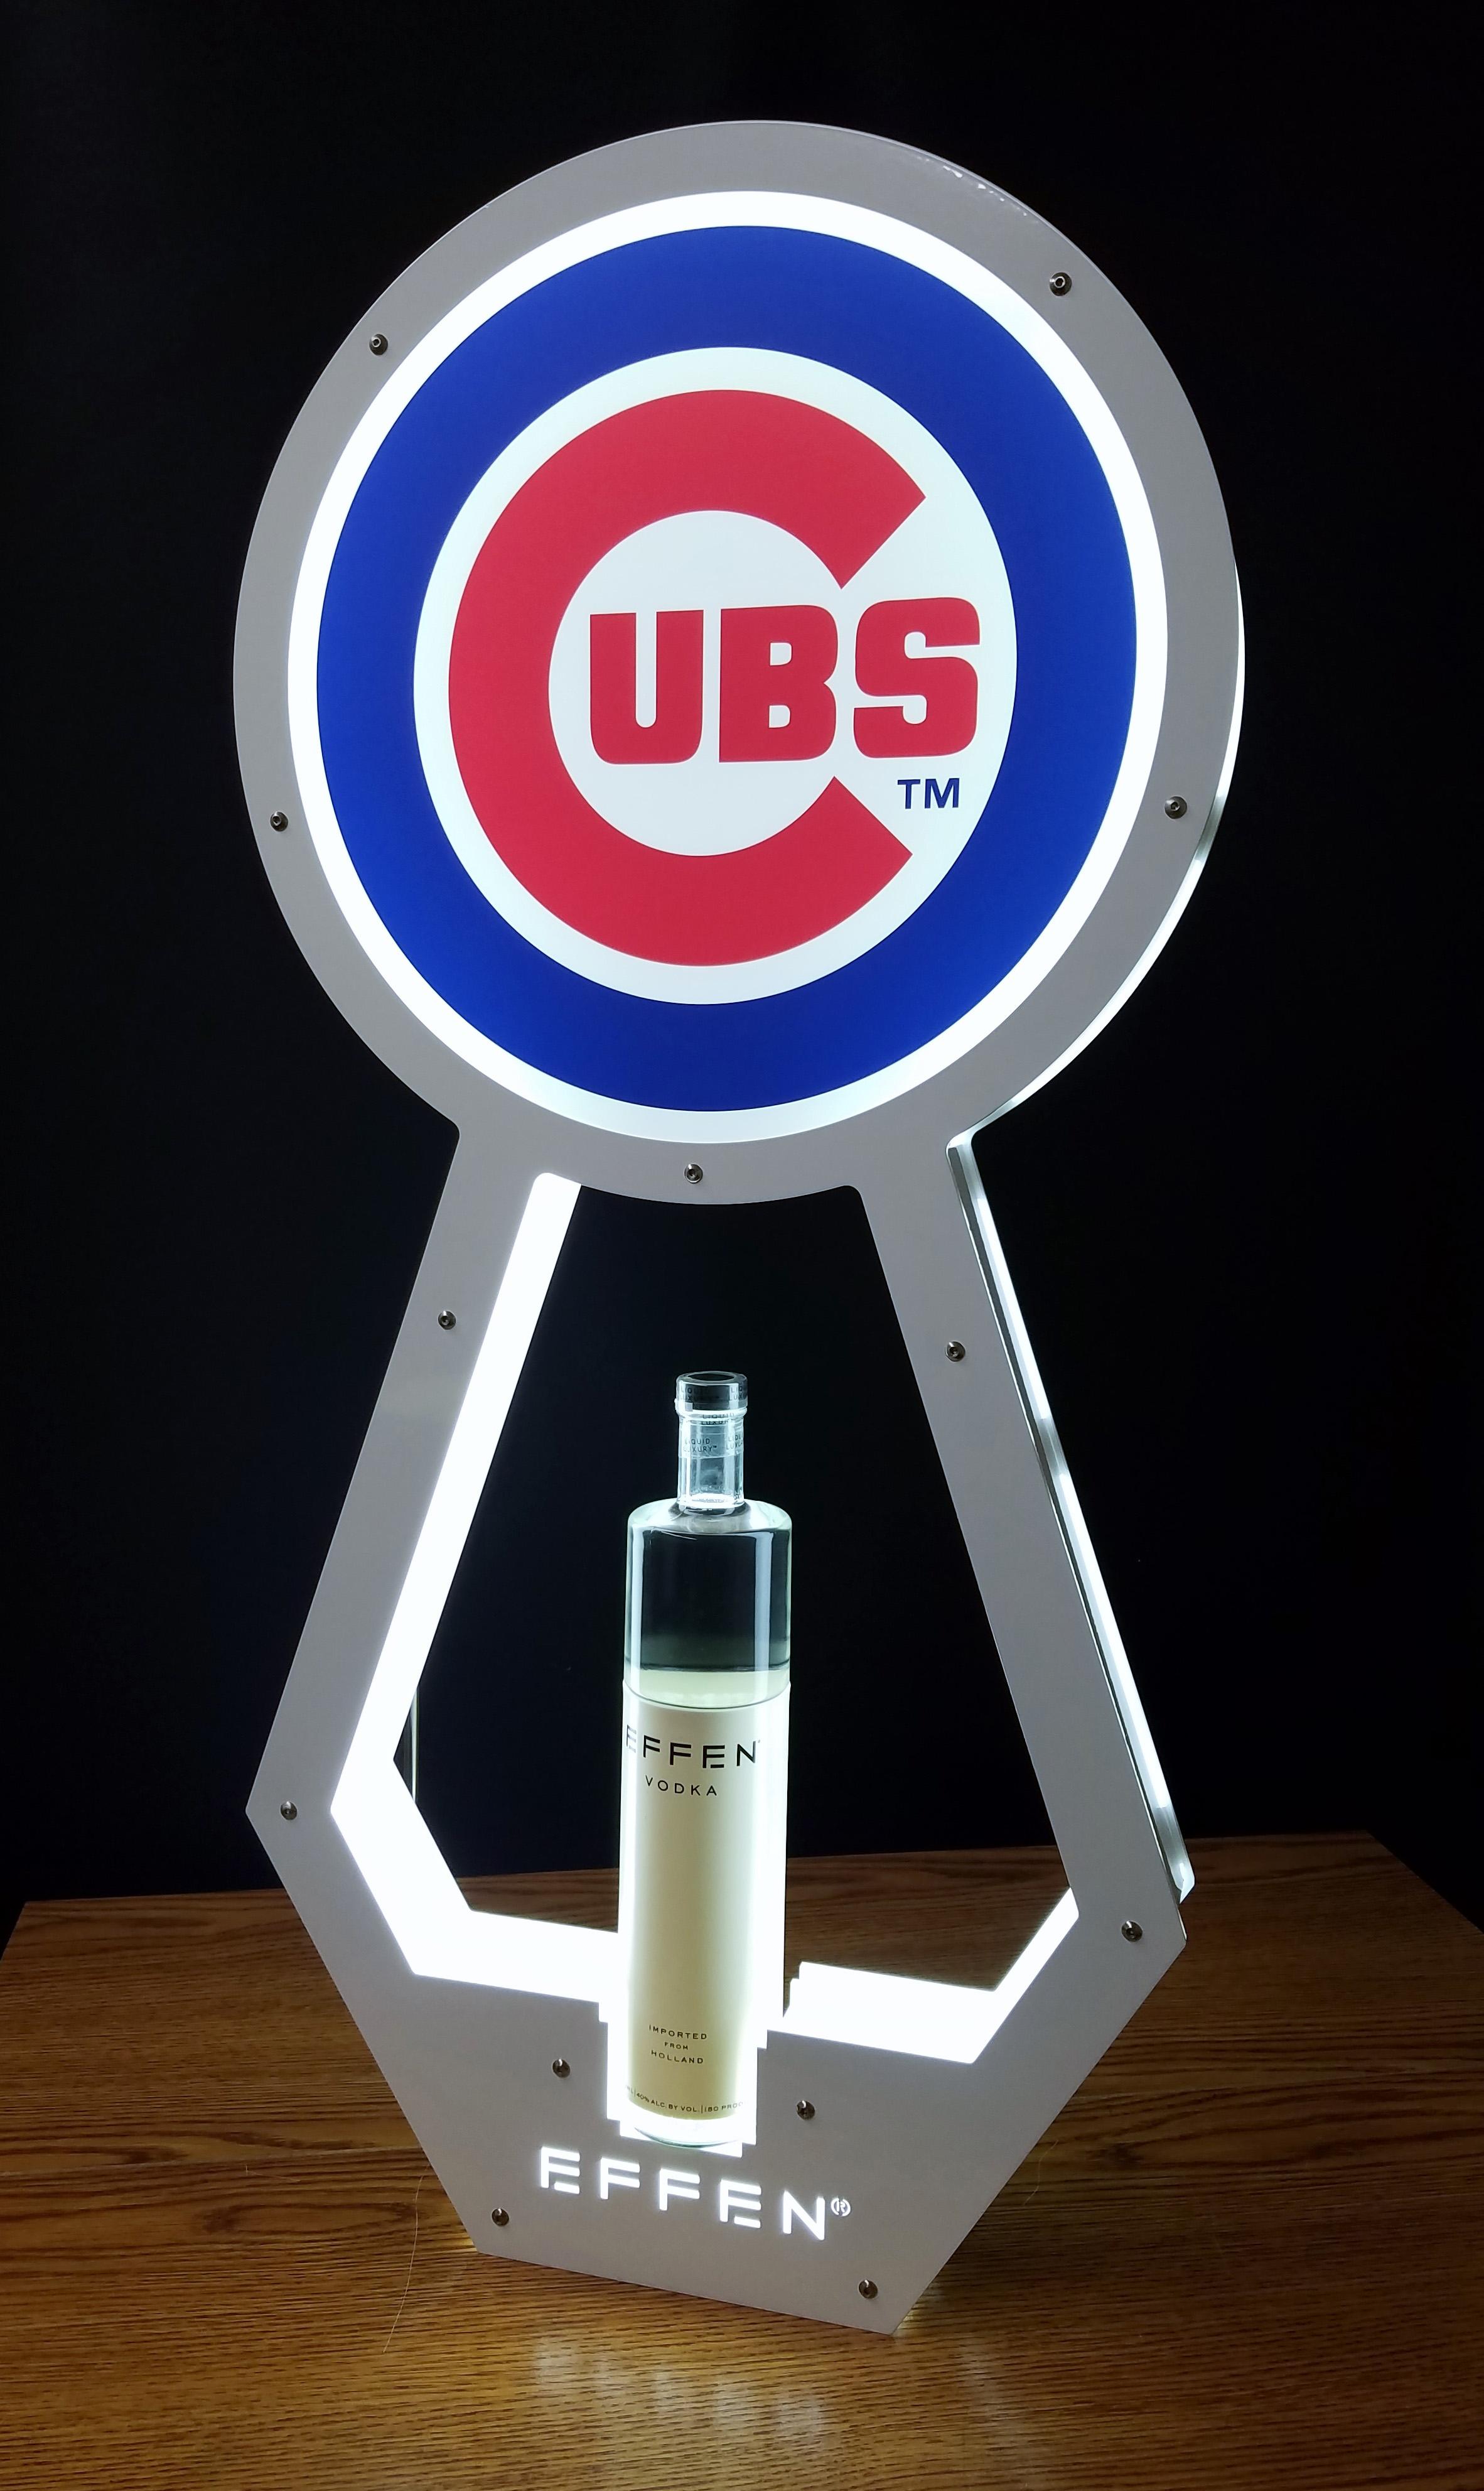 Effen Chicago Cubs.jpg